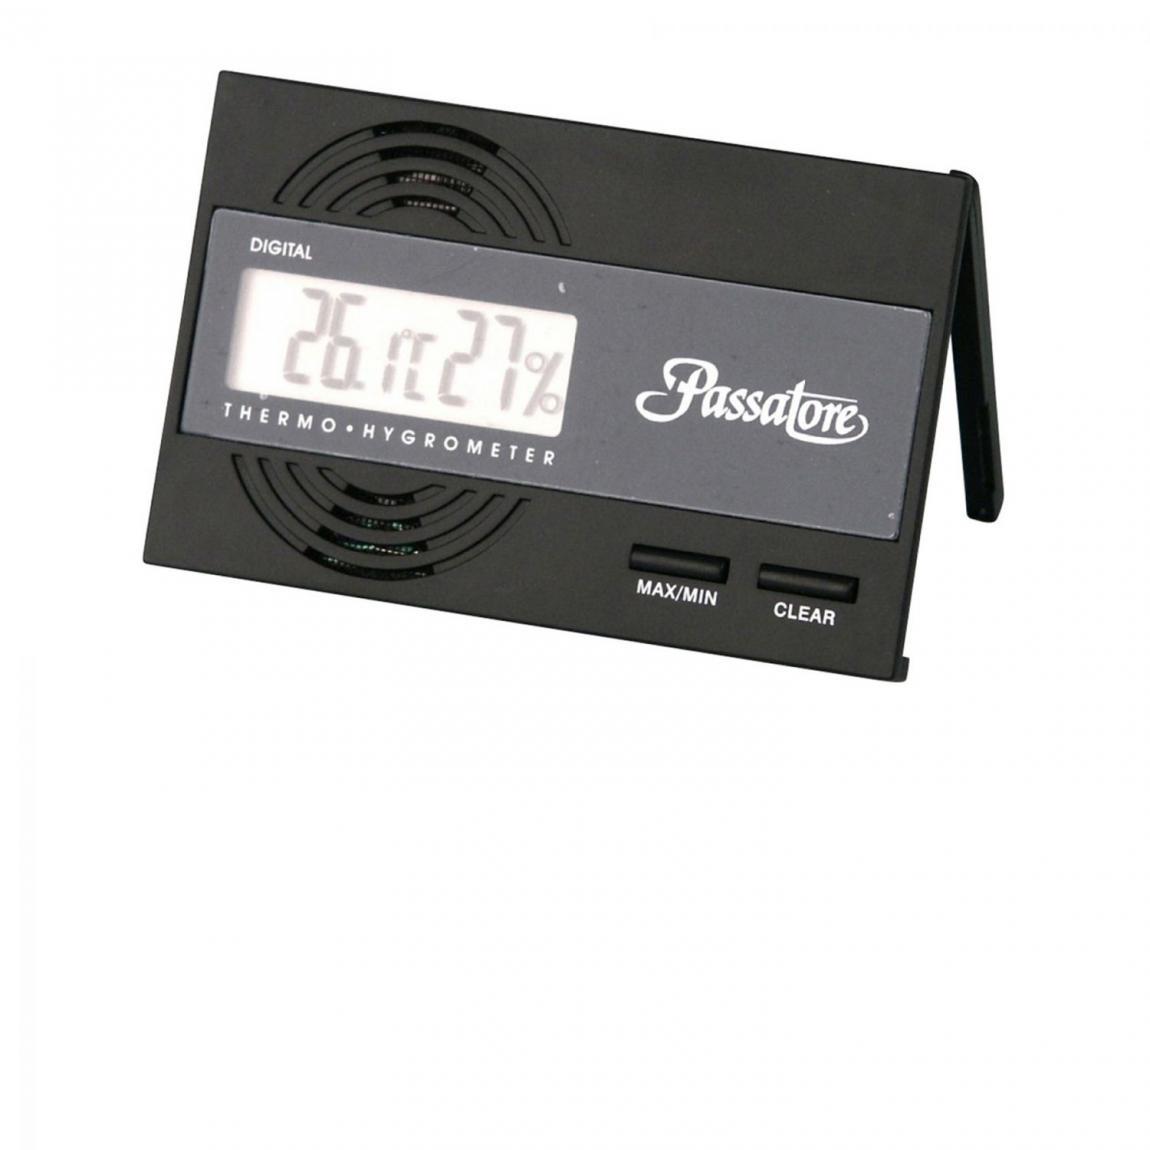 Digitales Hygro-/Thermometer, schwarz